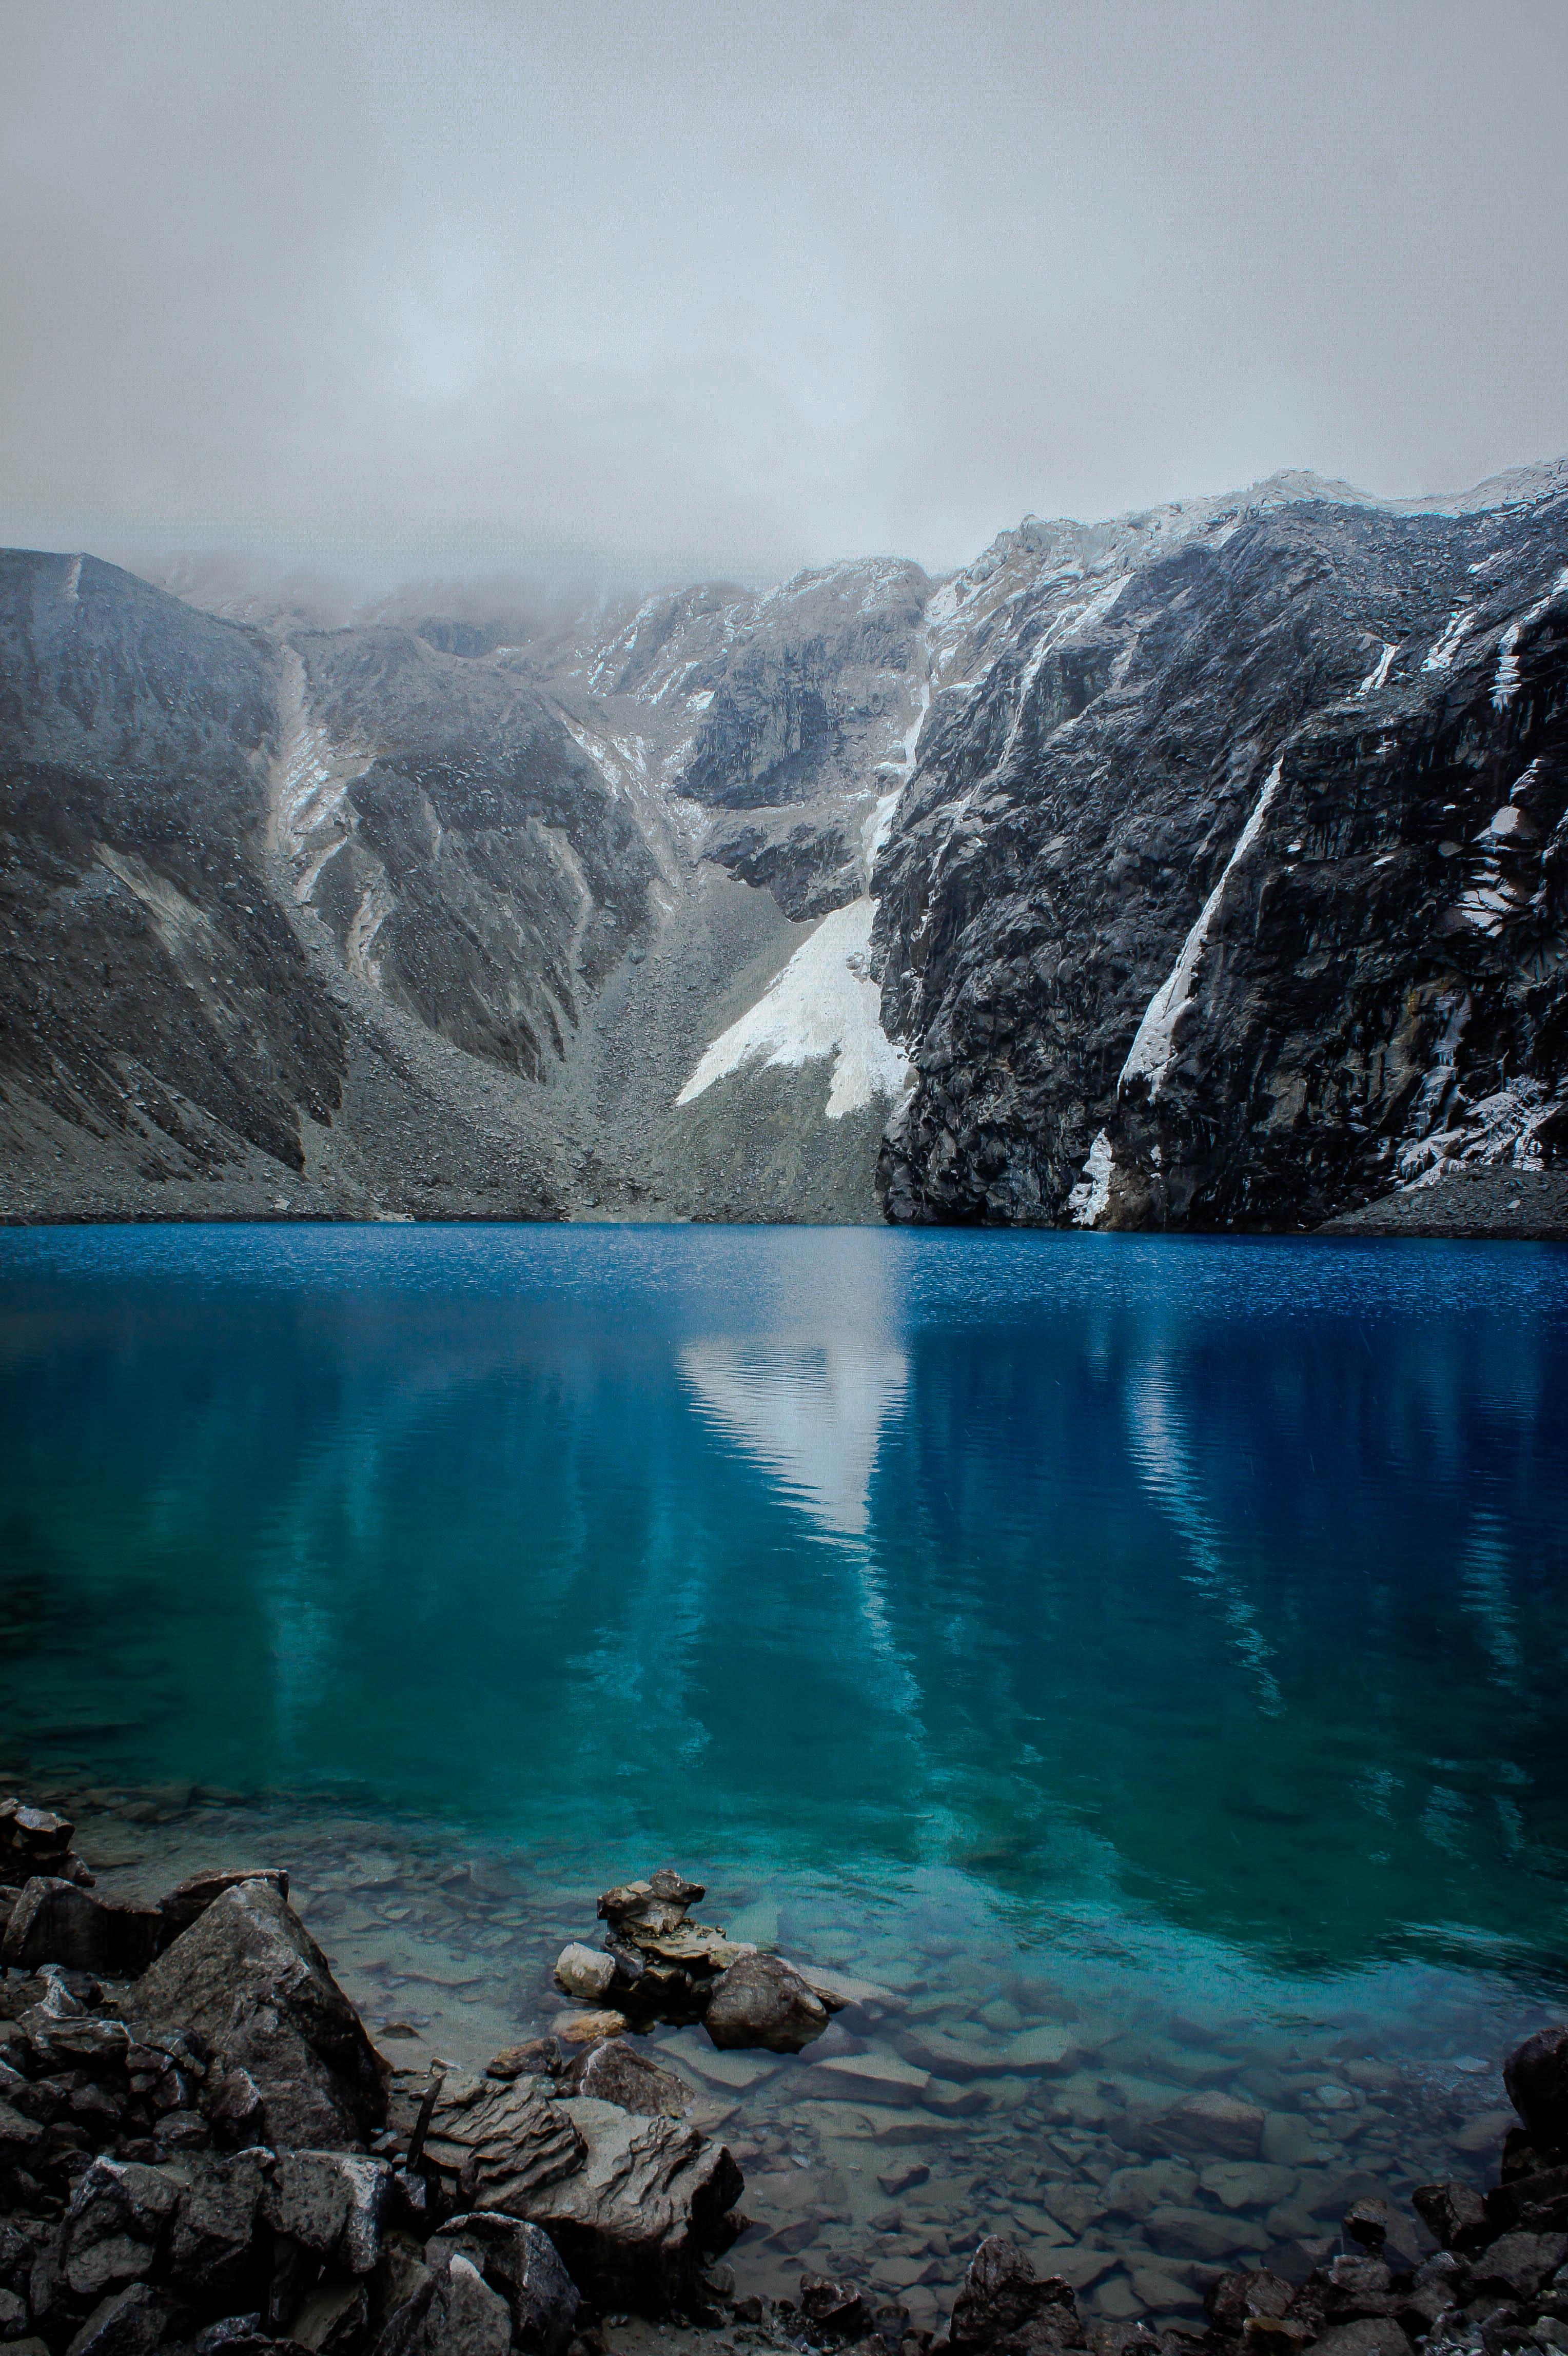 148754 скачать обои Природа, Озеро, Скалы, Камни, Облака, Горы - заставки и картинки бесплатно